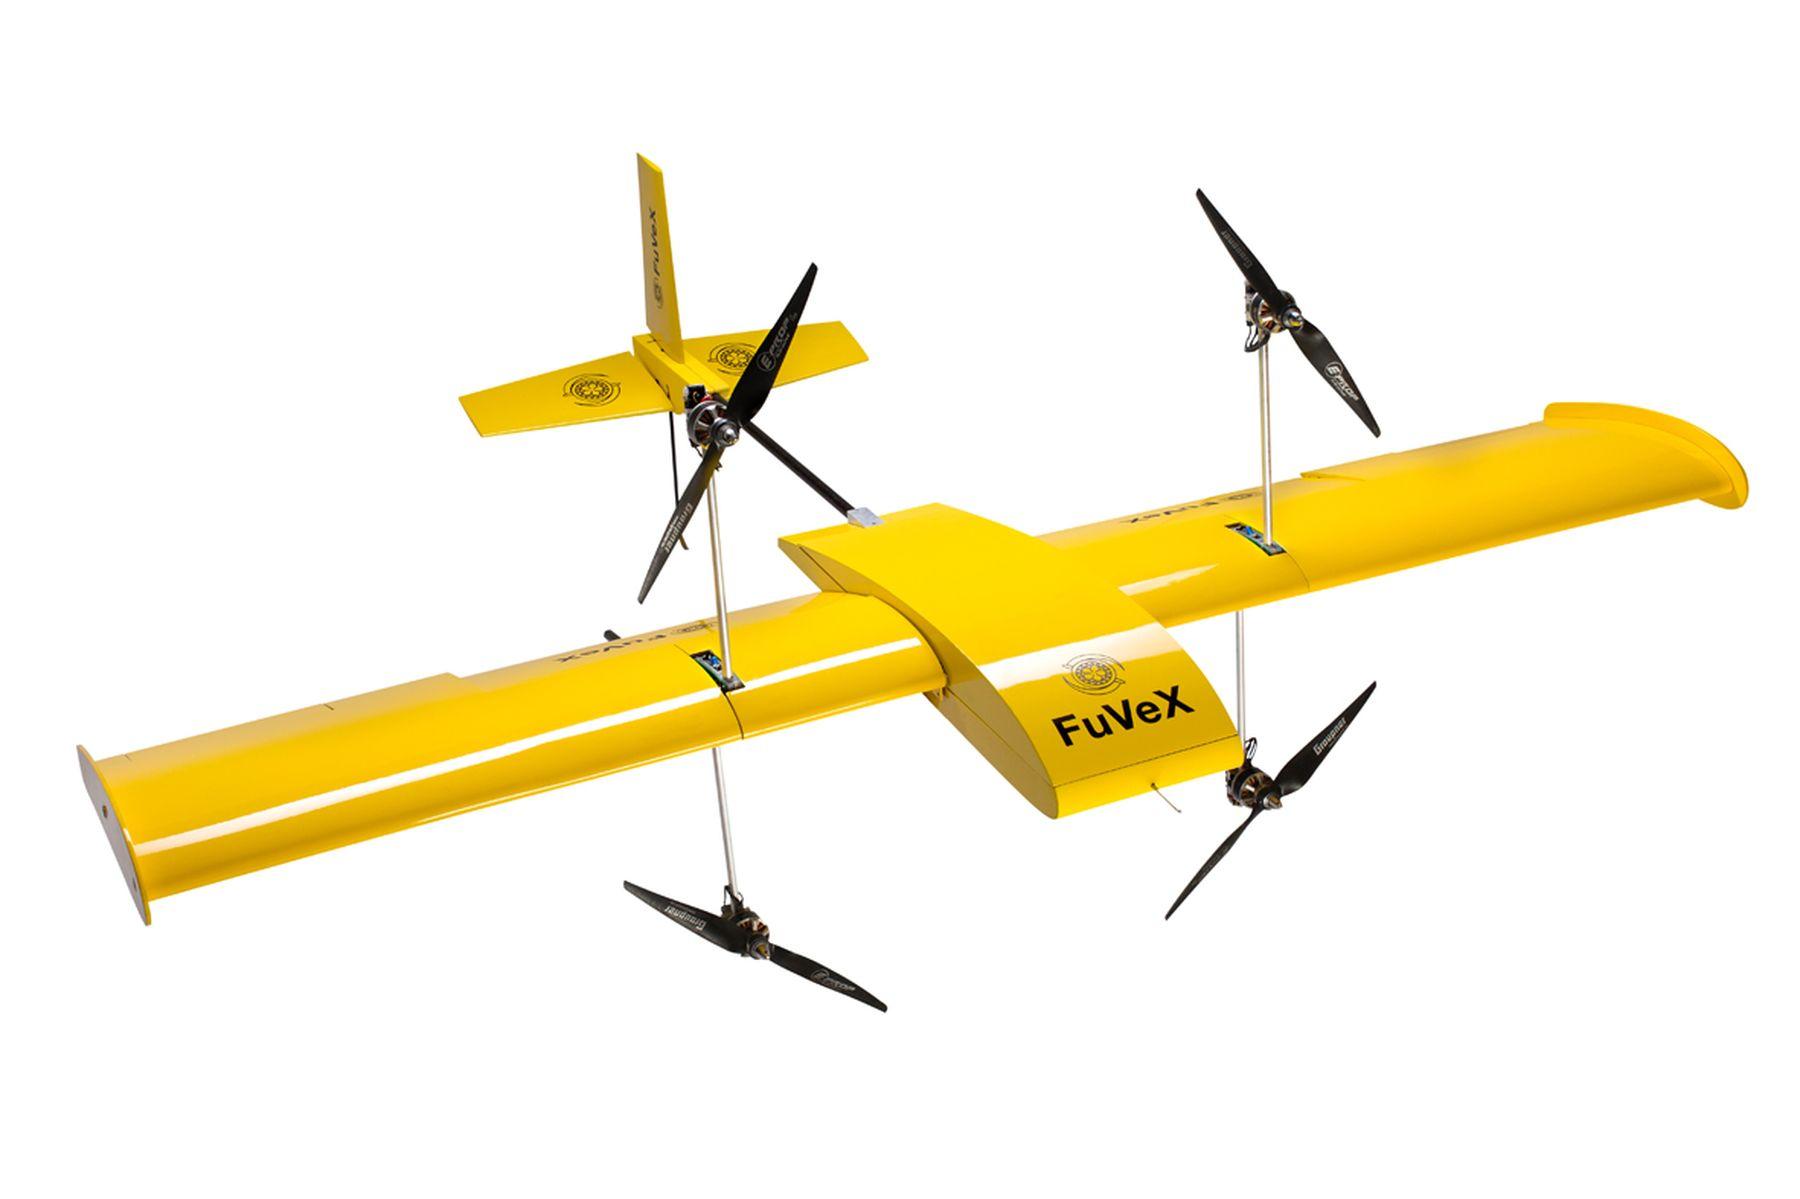 El dron diseñado por FuVeX, que aterriza y despega como un helicóptero y vuela como un avión.